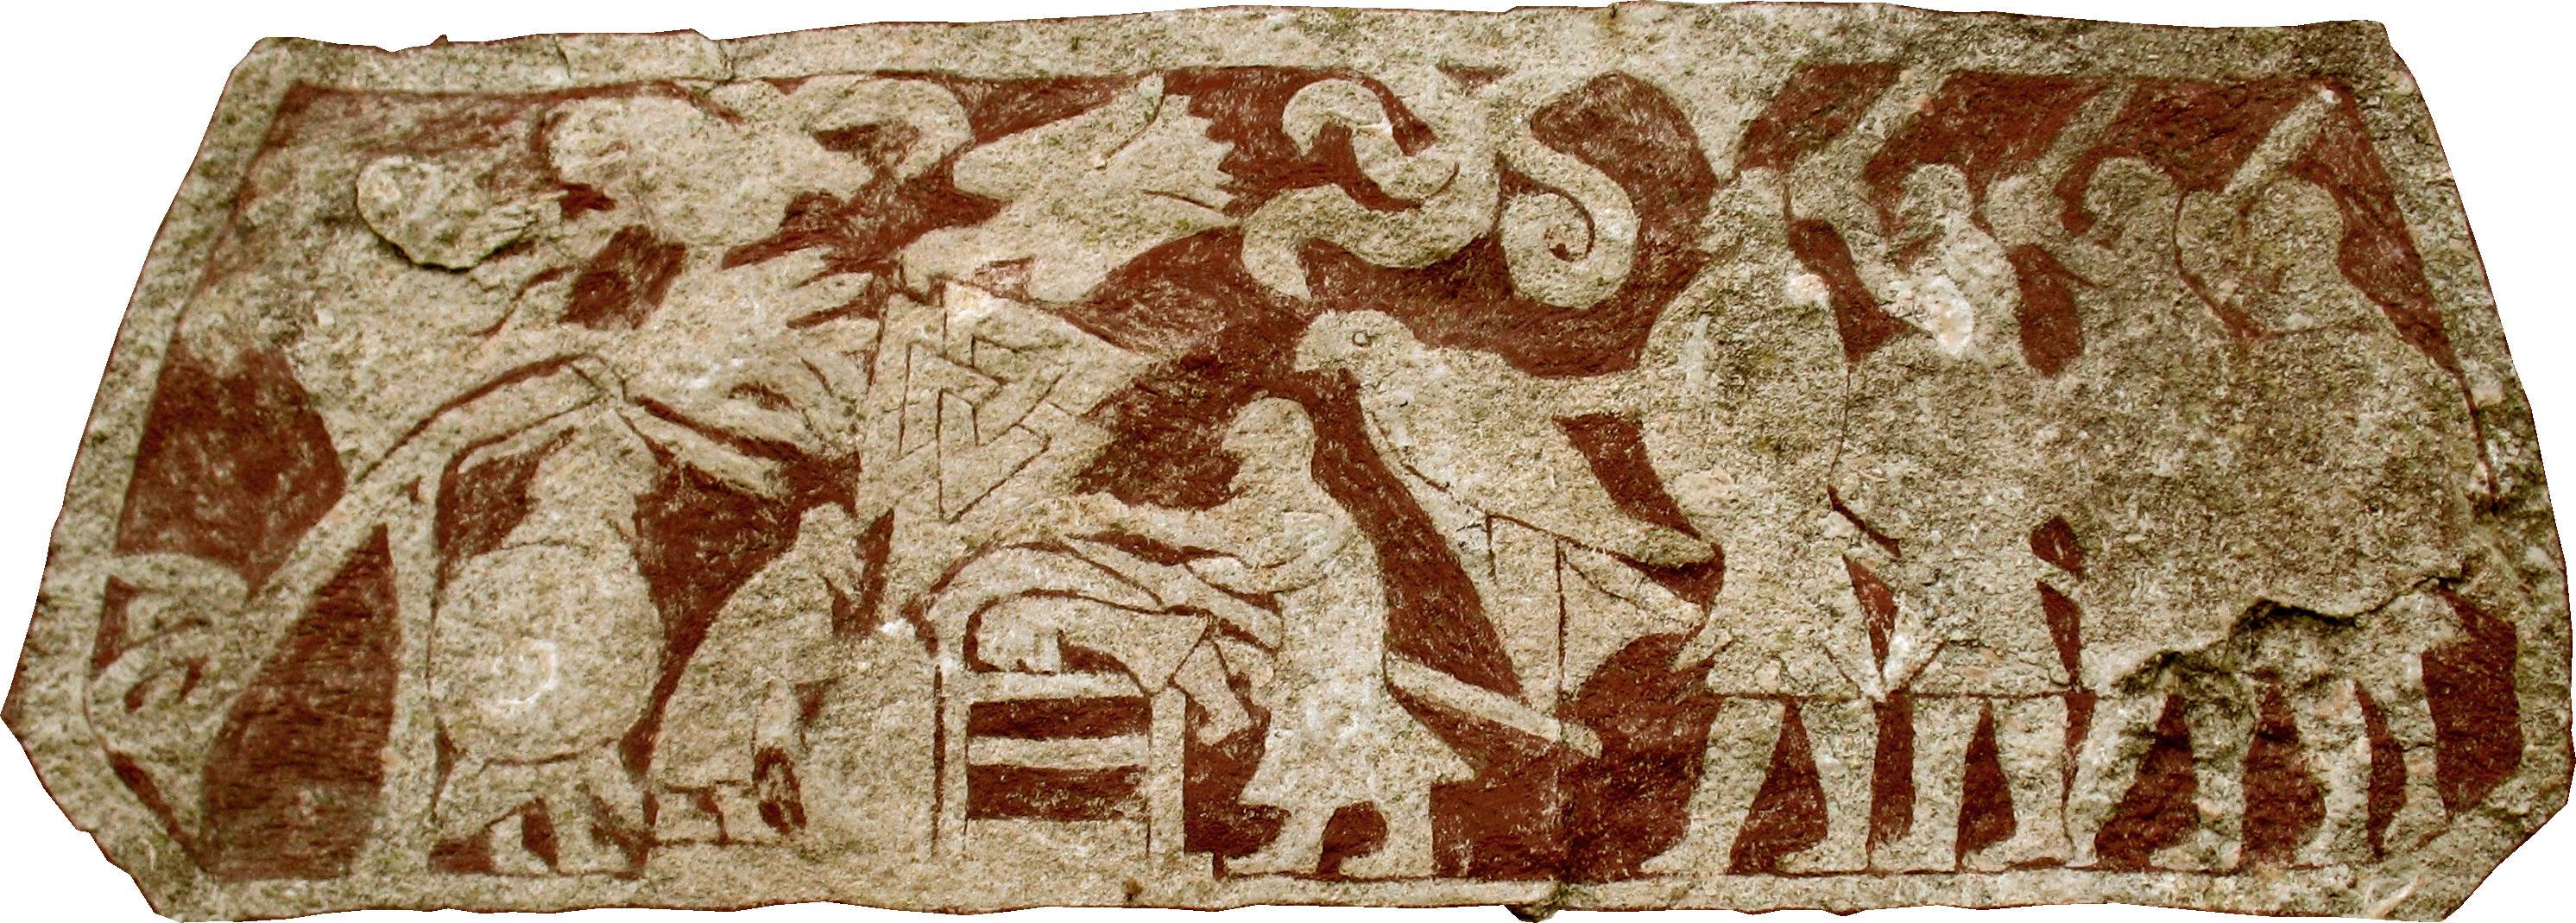 Blood eagle - Wikipedia